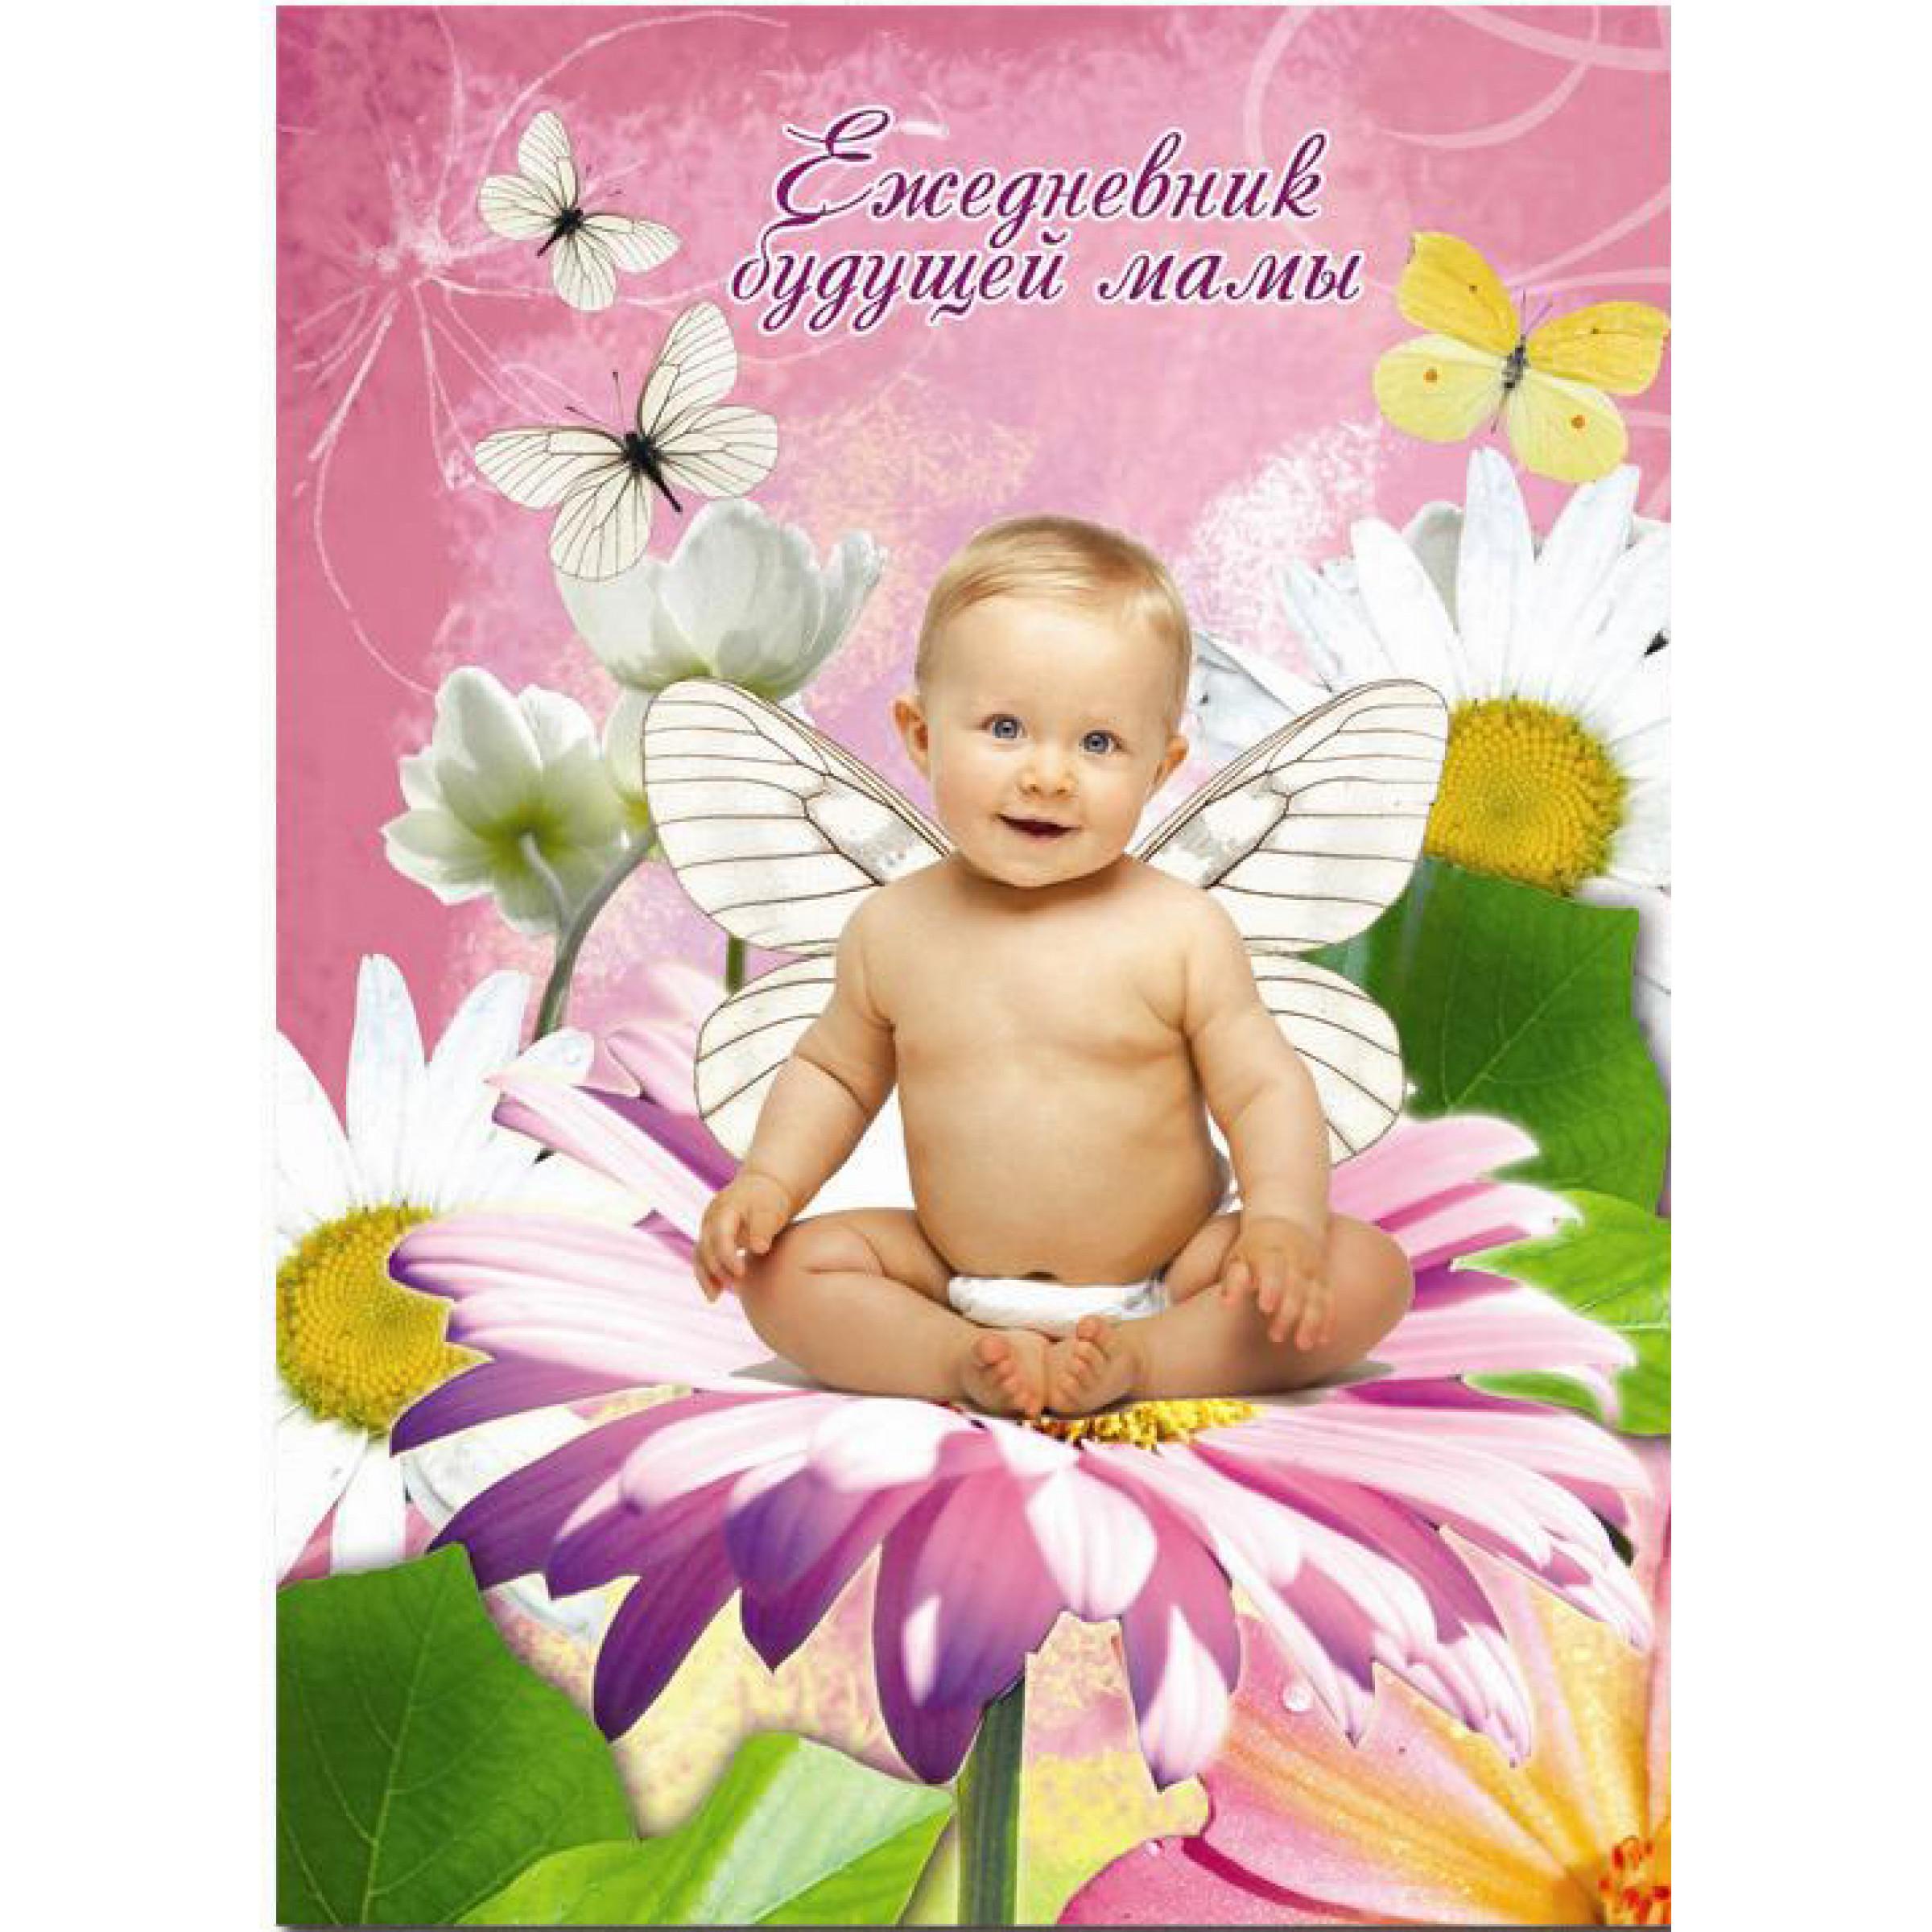 """Ежедневник будущей мамы """"Малыш в цветах"""", 105х148мм."""